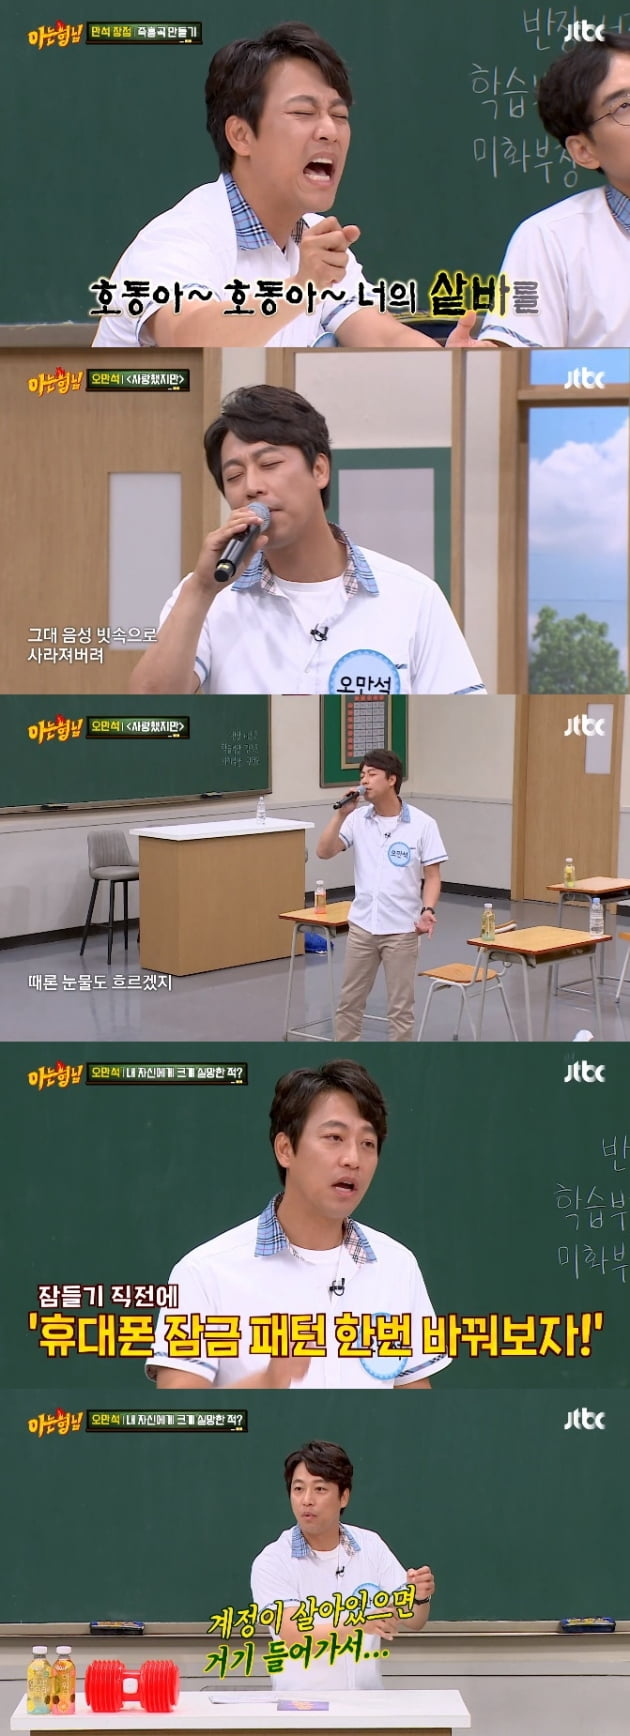 '아는 형님' 오만석 / 사진 = JTBC 영상 캡처